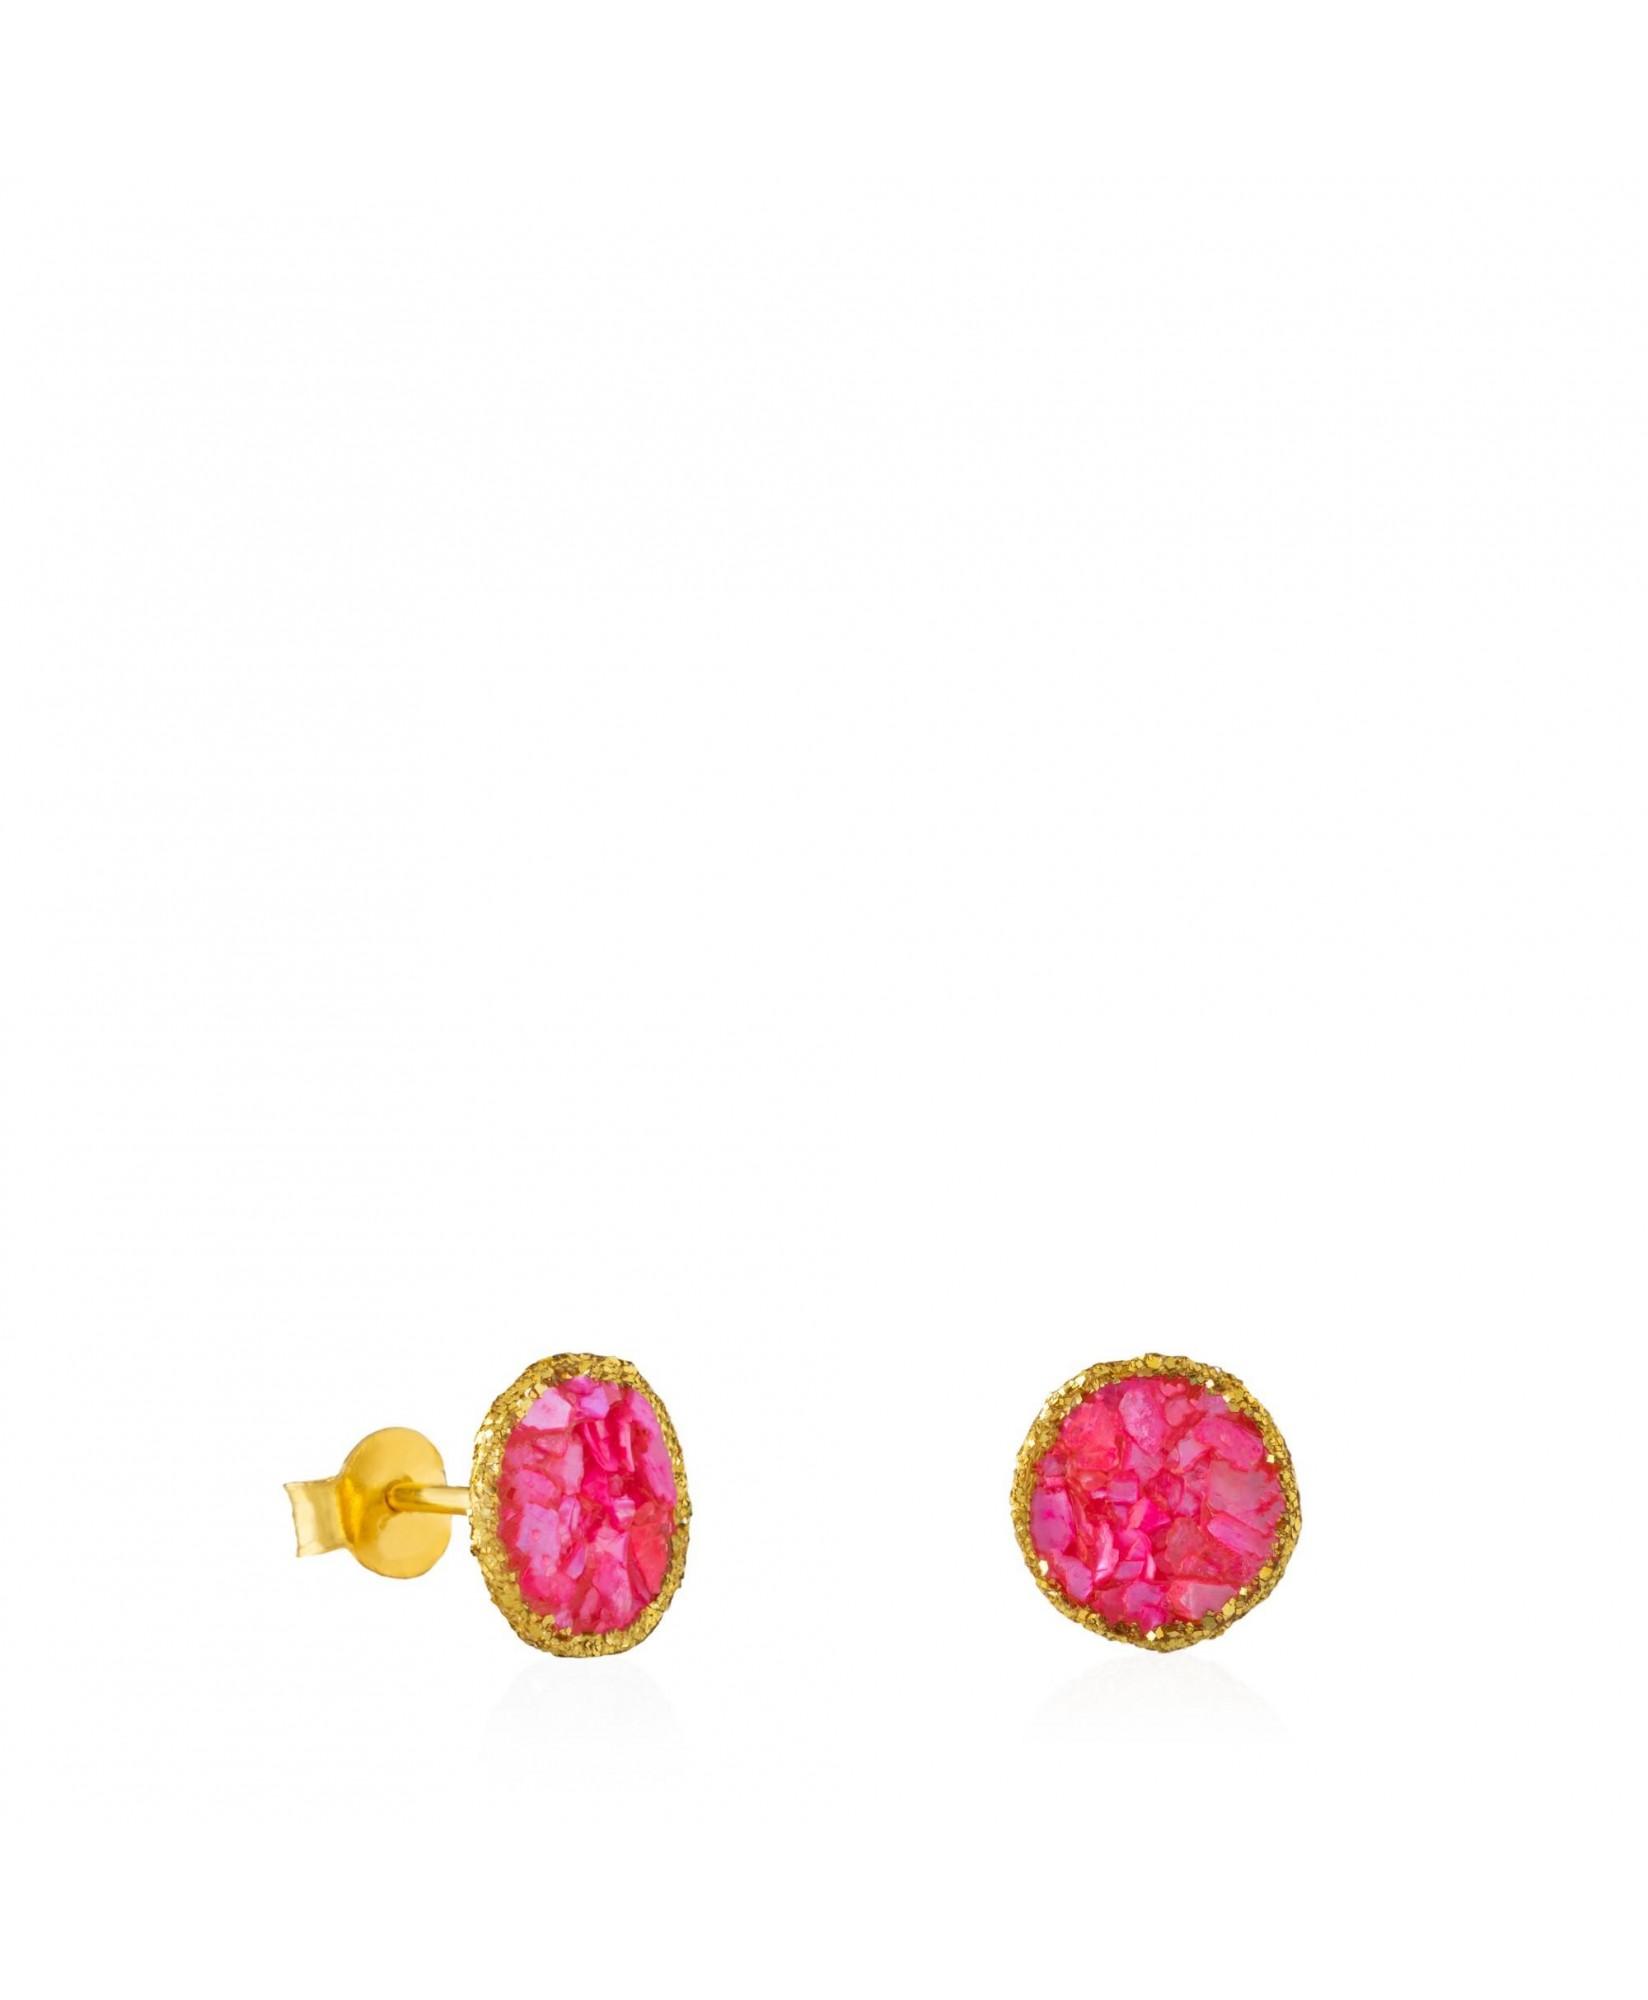 Pendientes dormilonas oro medianos Doll con nácar rosa Pendientes dormilonas oro medianos Doll con nácar rosa